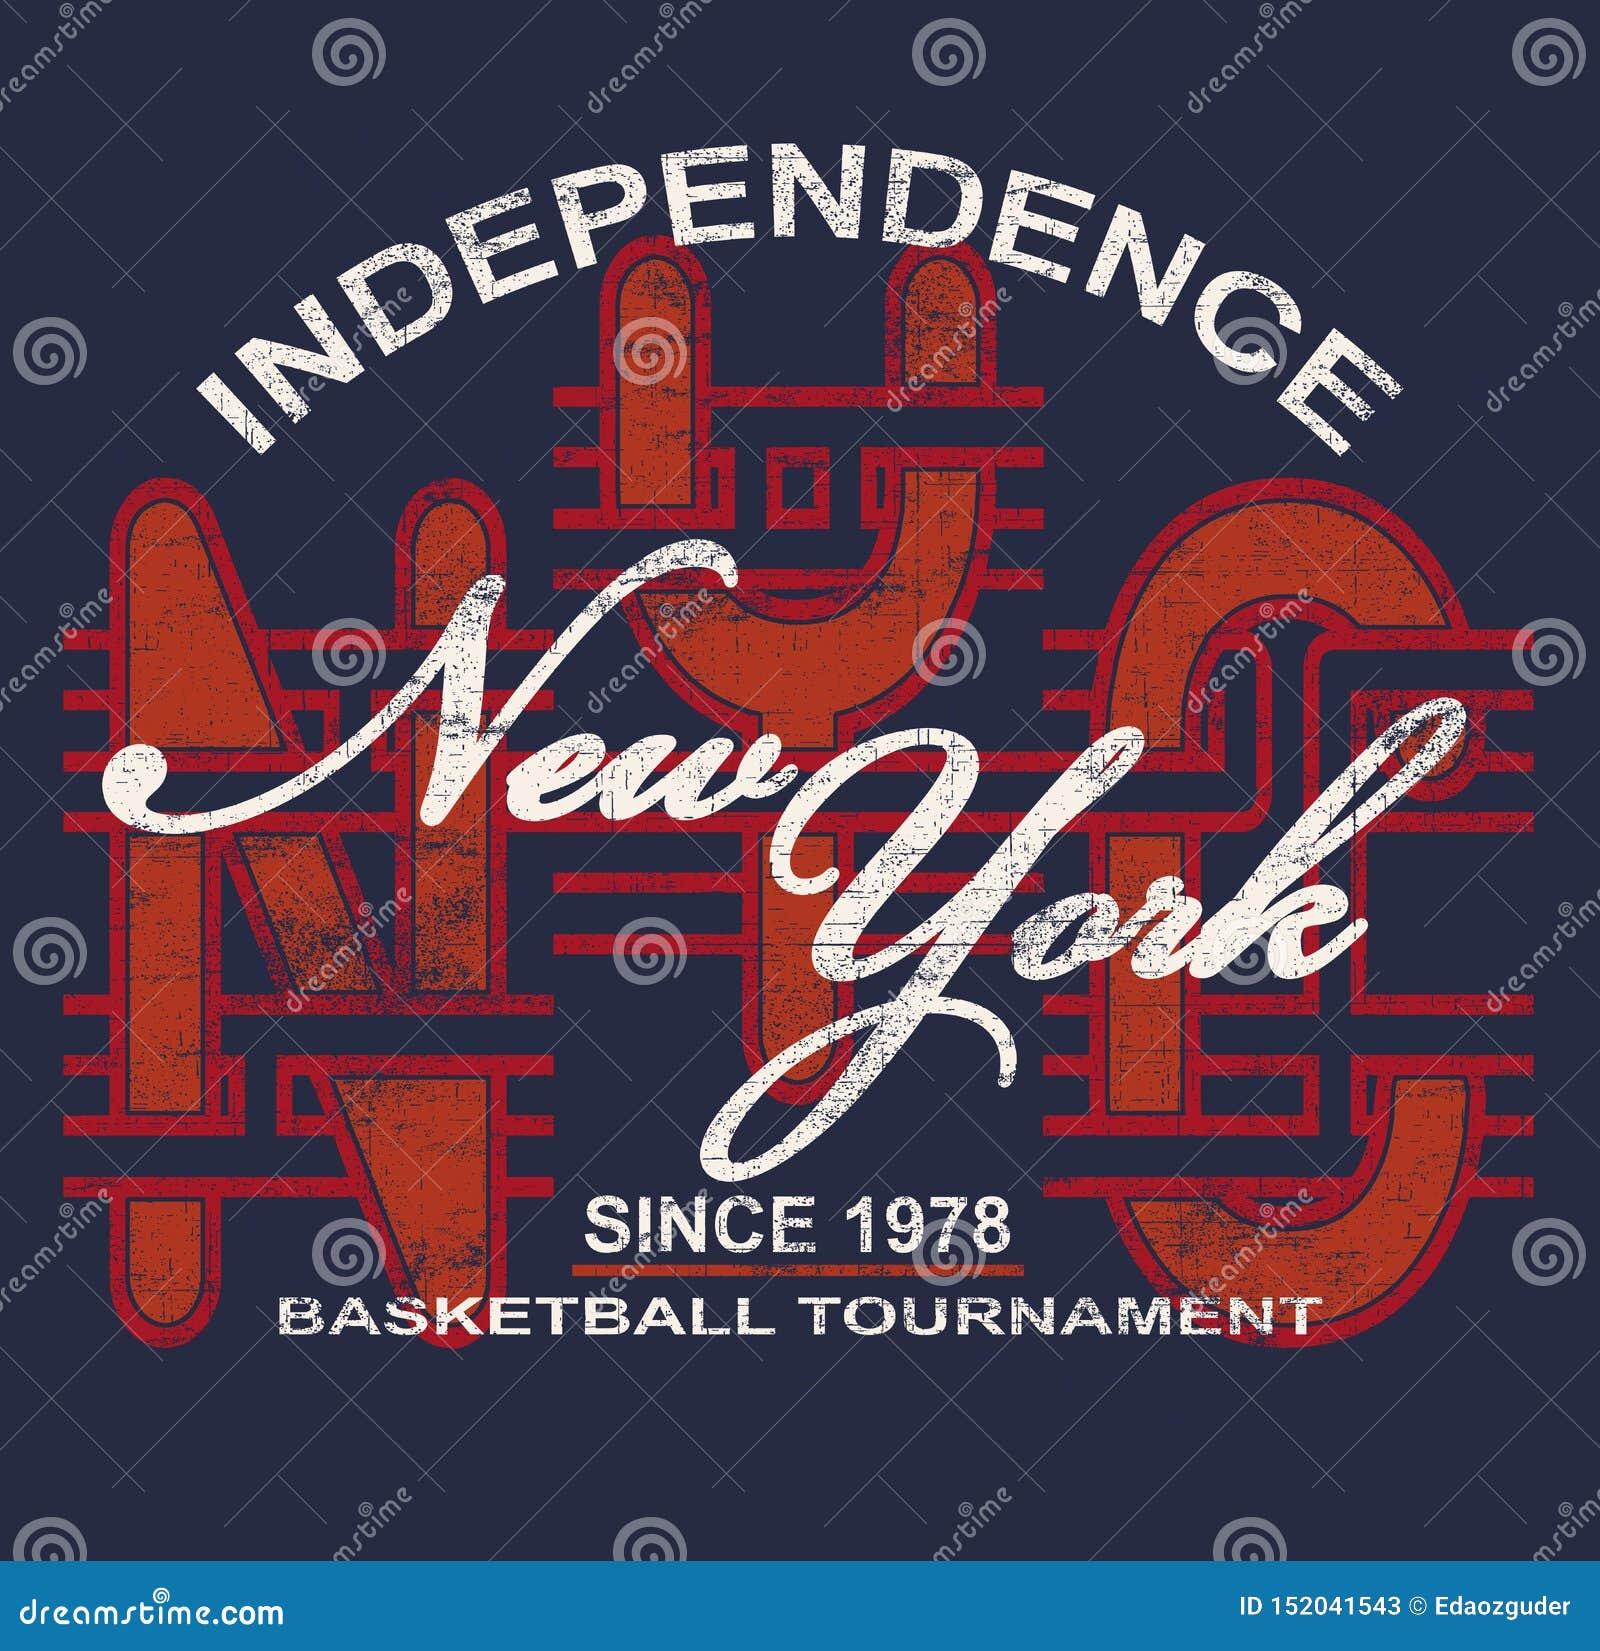 'INDEPENDENCIA, tipografía de NUEVA YORK ', impresión de la camiseta